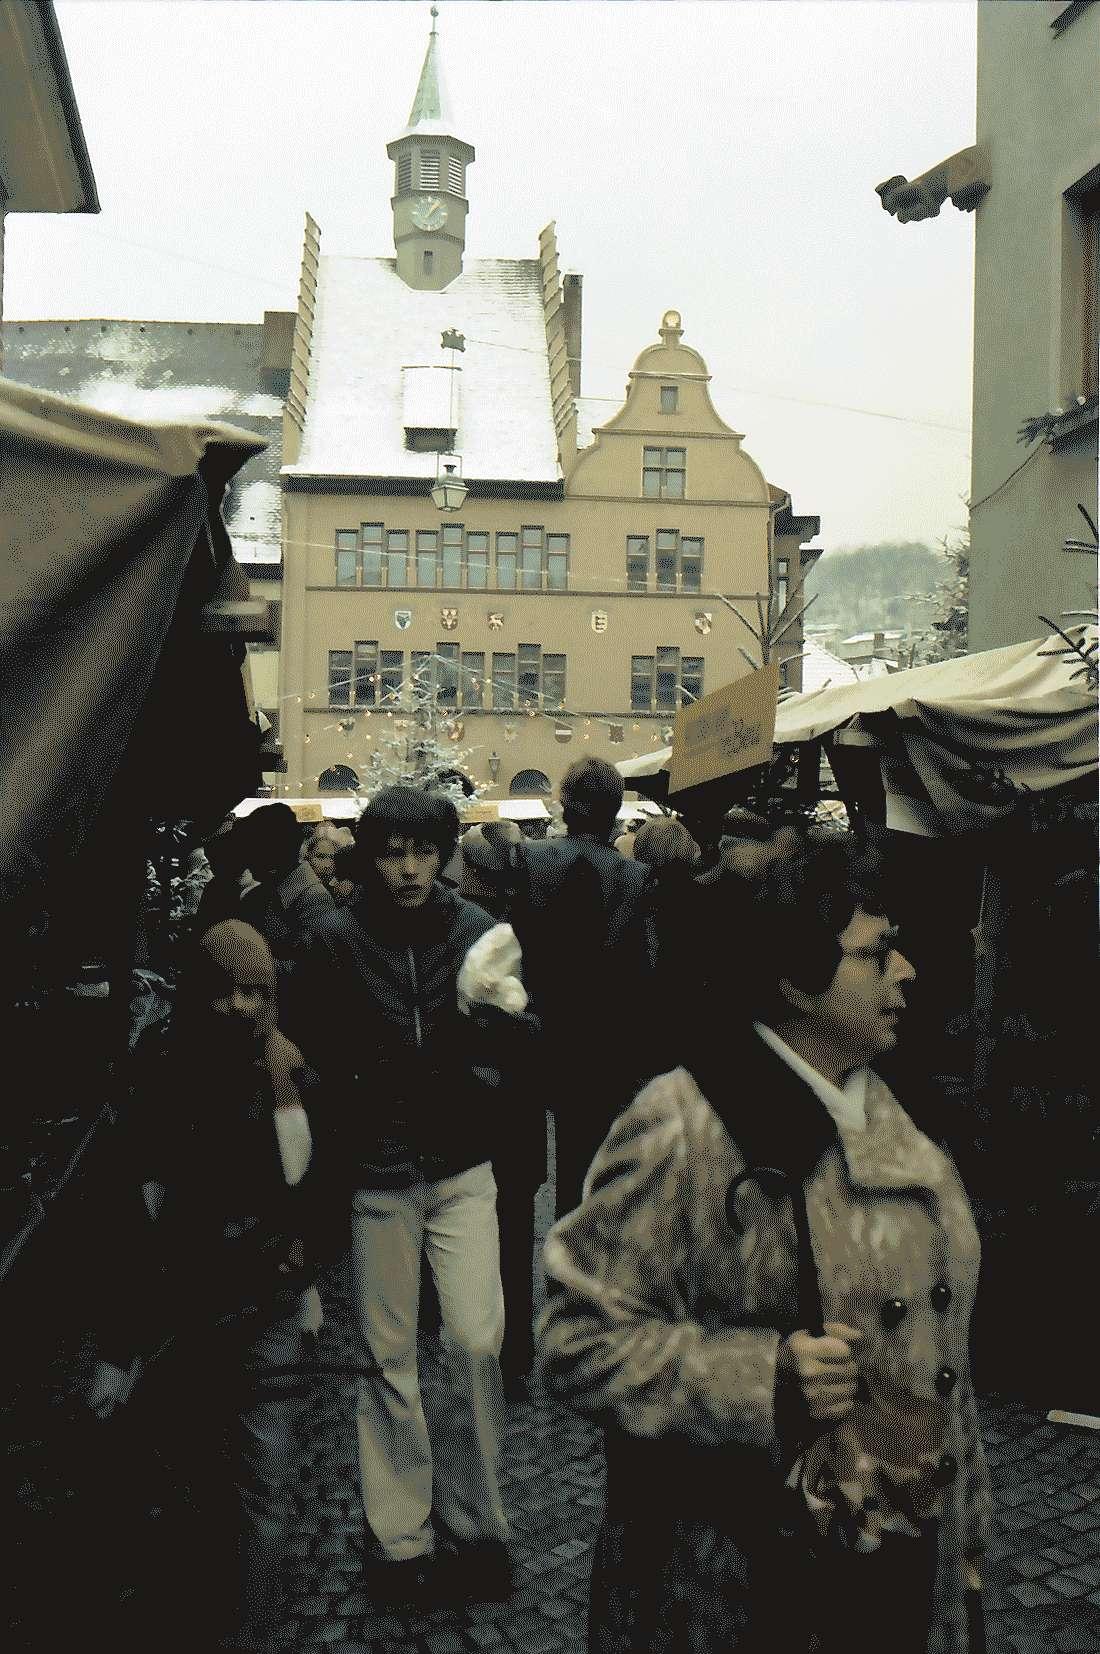 Staufen: Weihnachtsmarkt; Hintergrund Rathaus, Bild 2